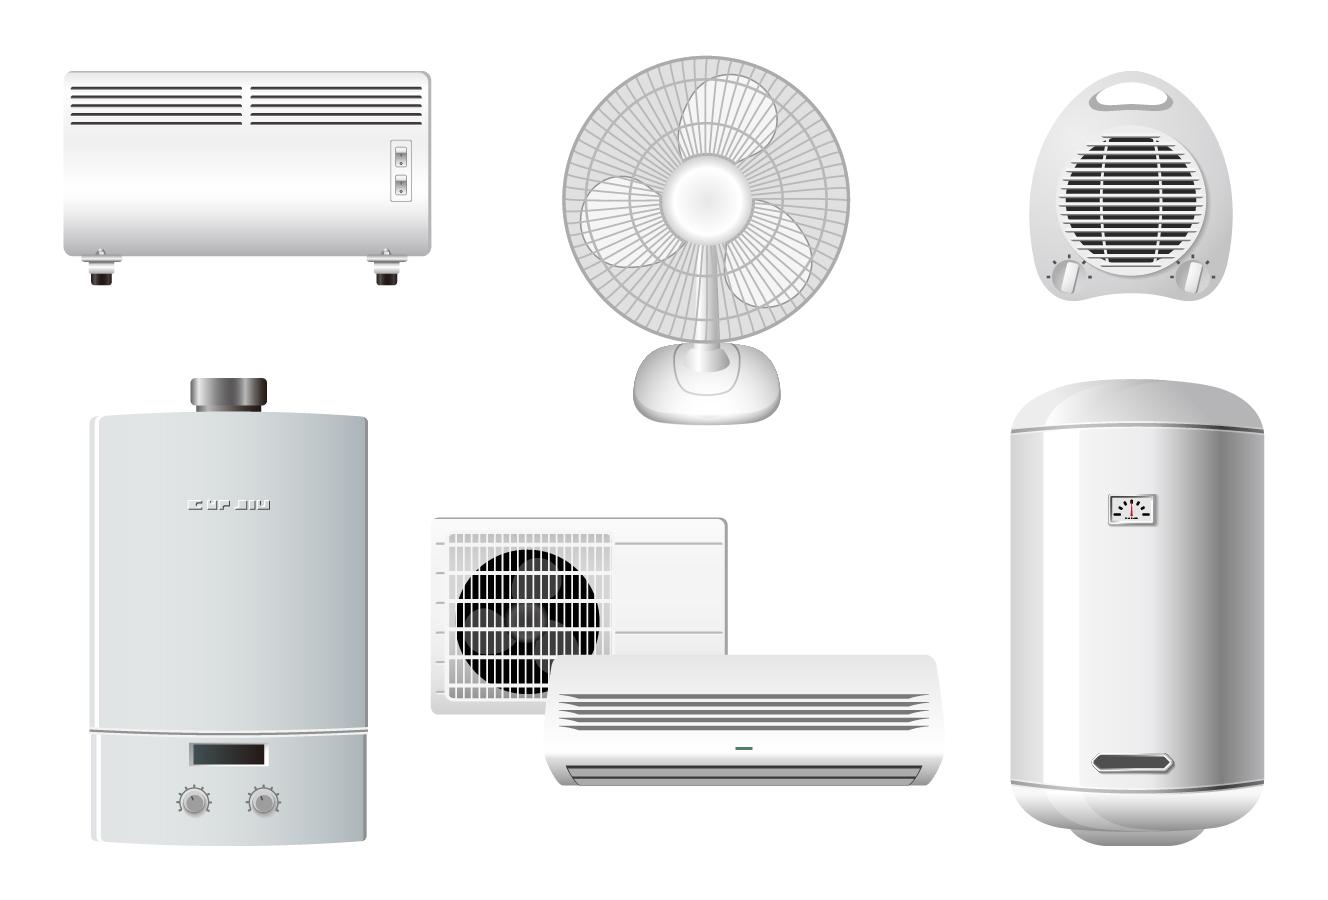 白物家電のクリップアート household appliances icons イラスト素材2